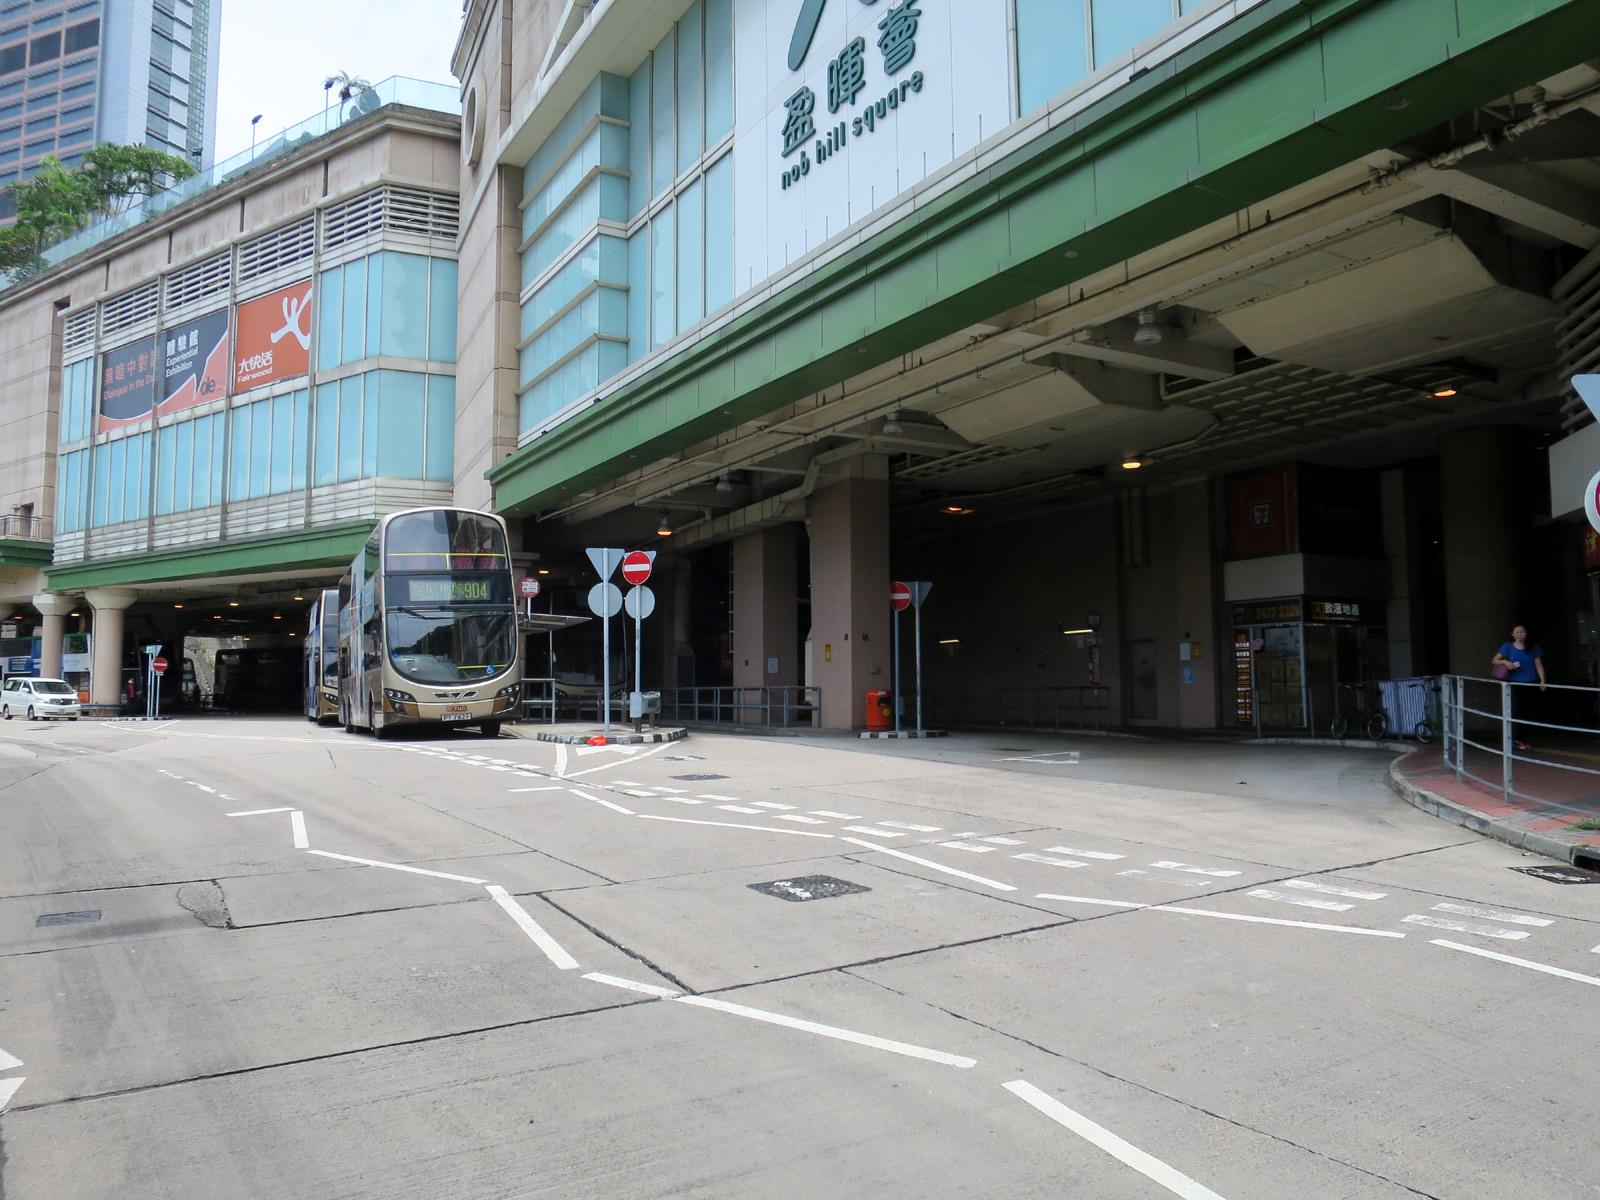 荔枝角 (九華徑) 公共運輸交匯處